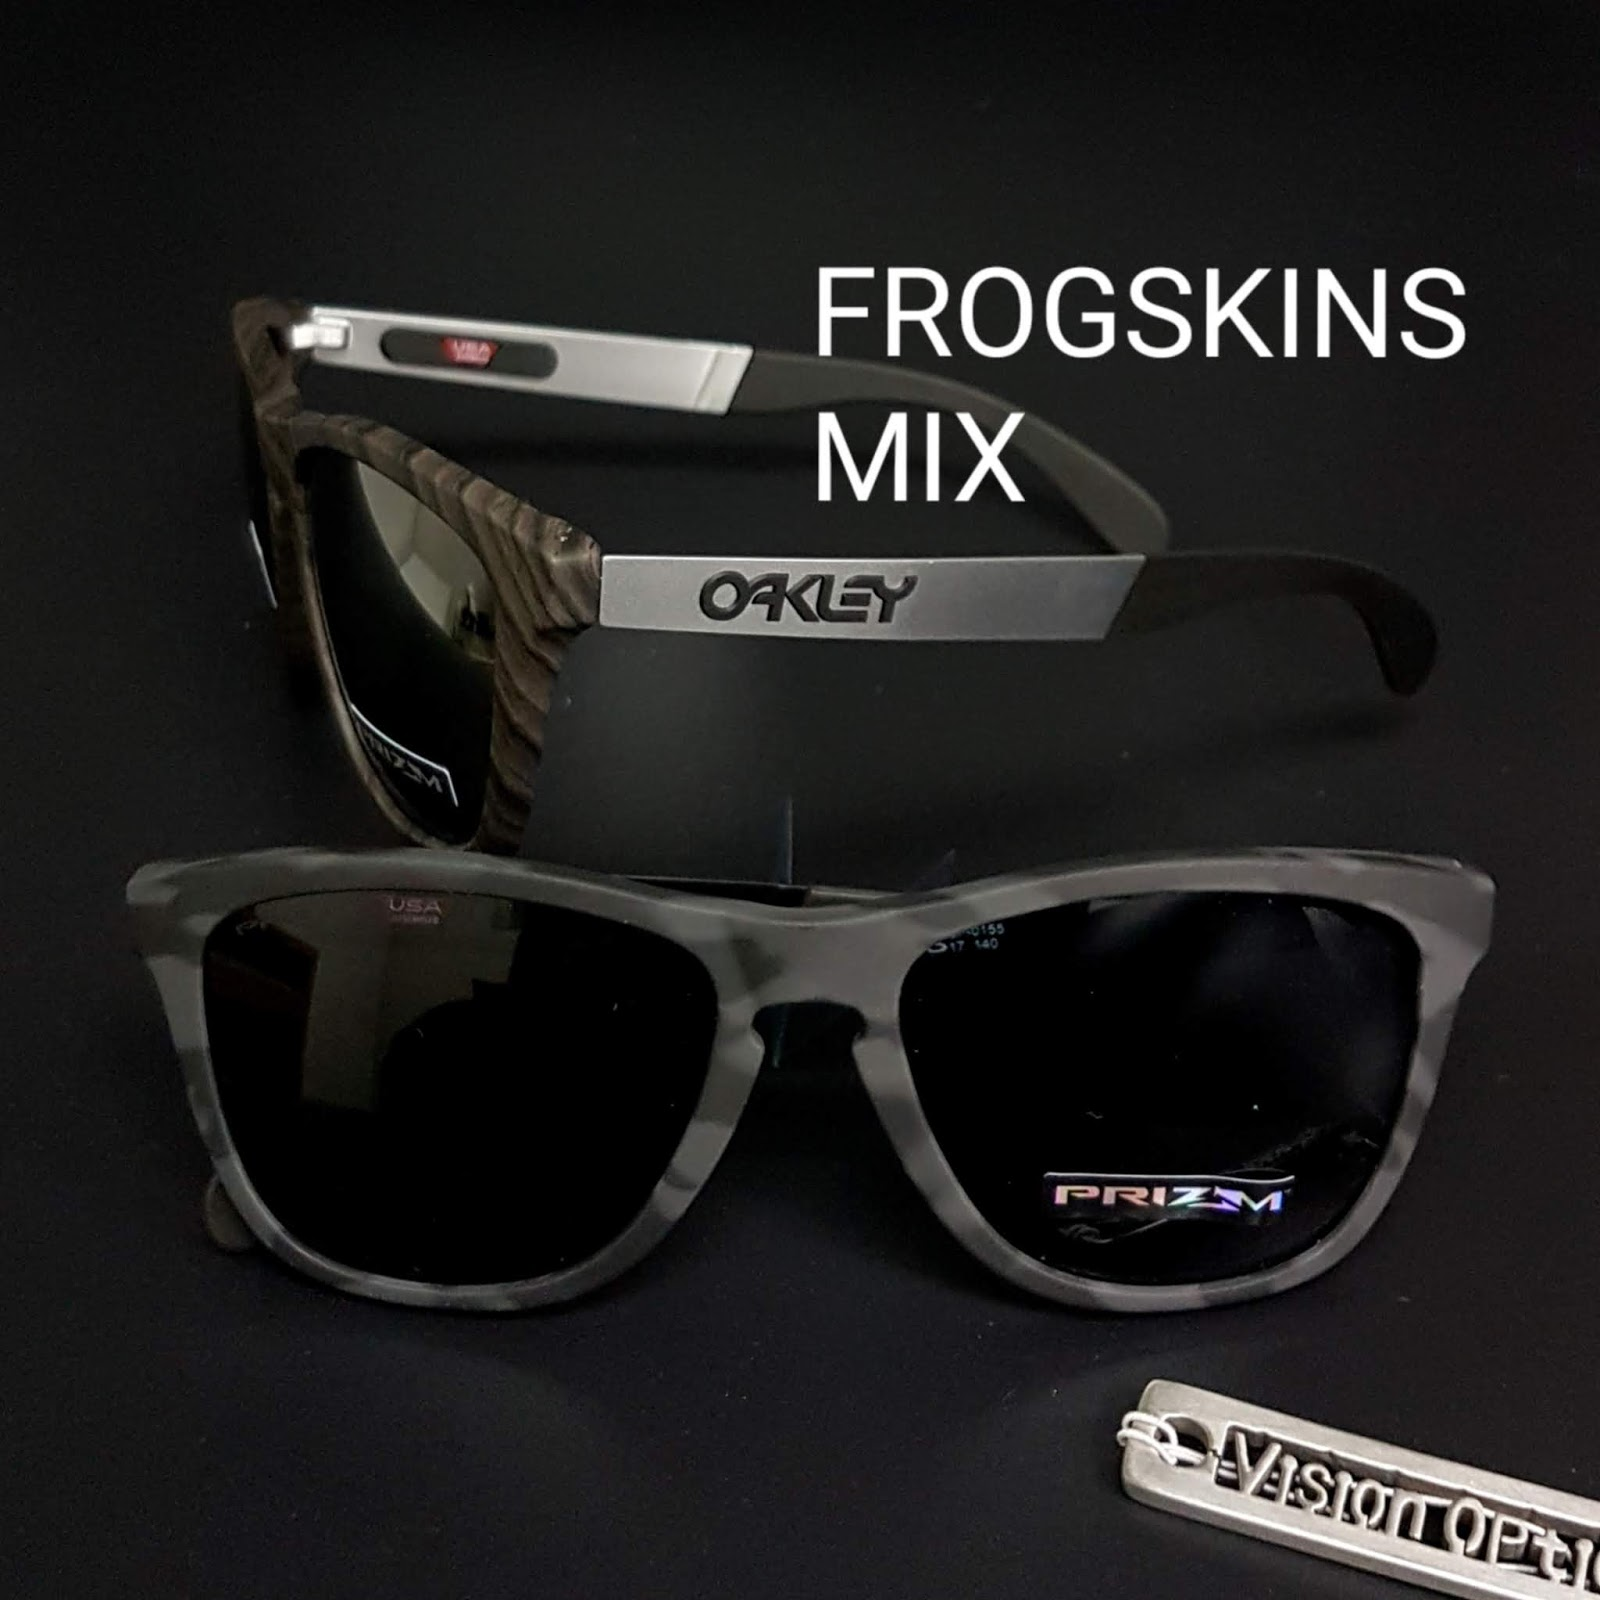 精明眼鏡公司: Oakley OO9428F FROGSKINS MIX Asian fit 太陽眼鏡